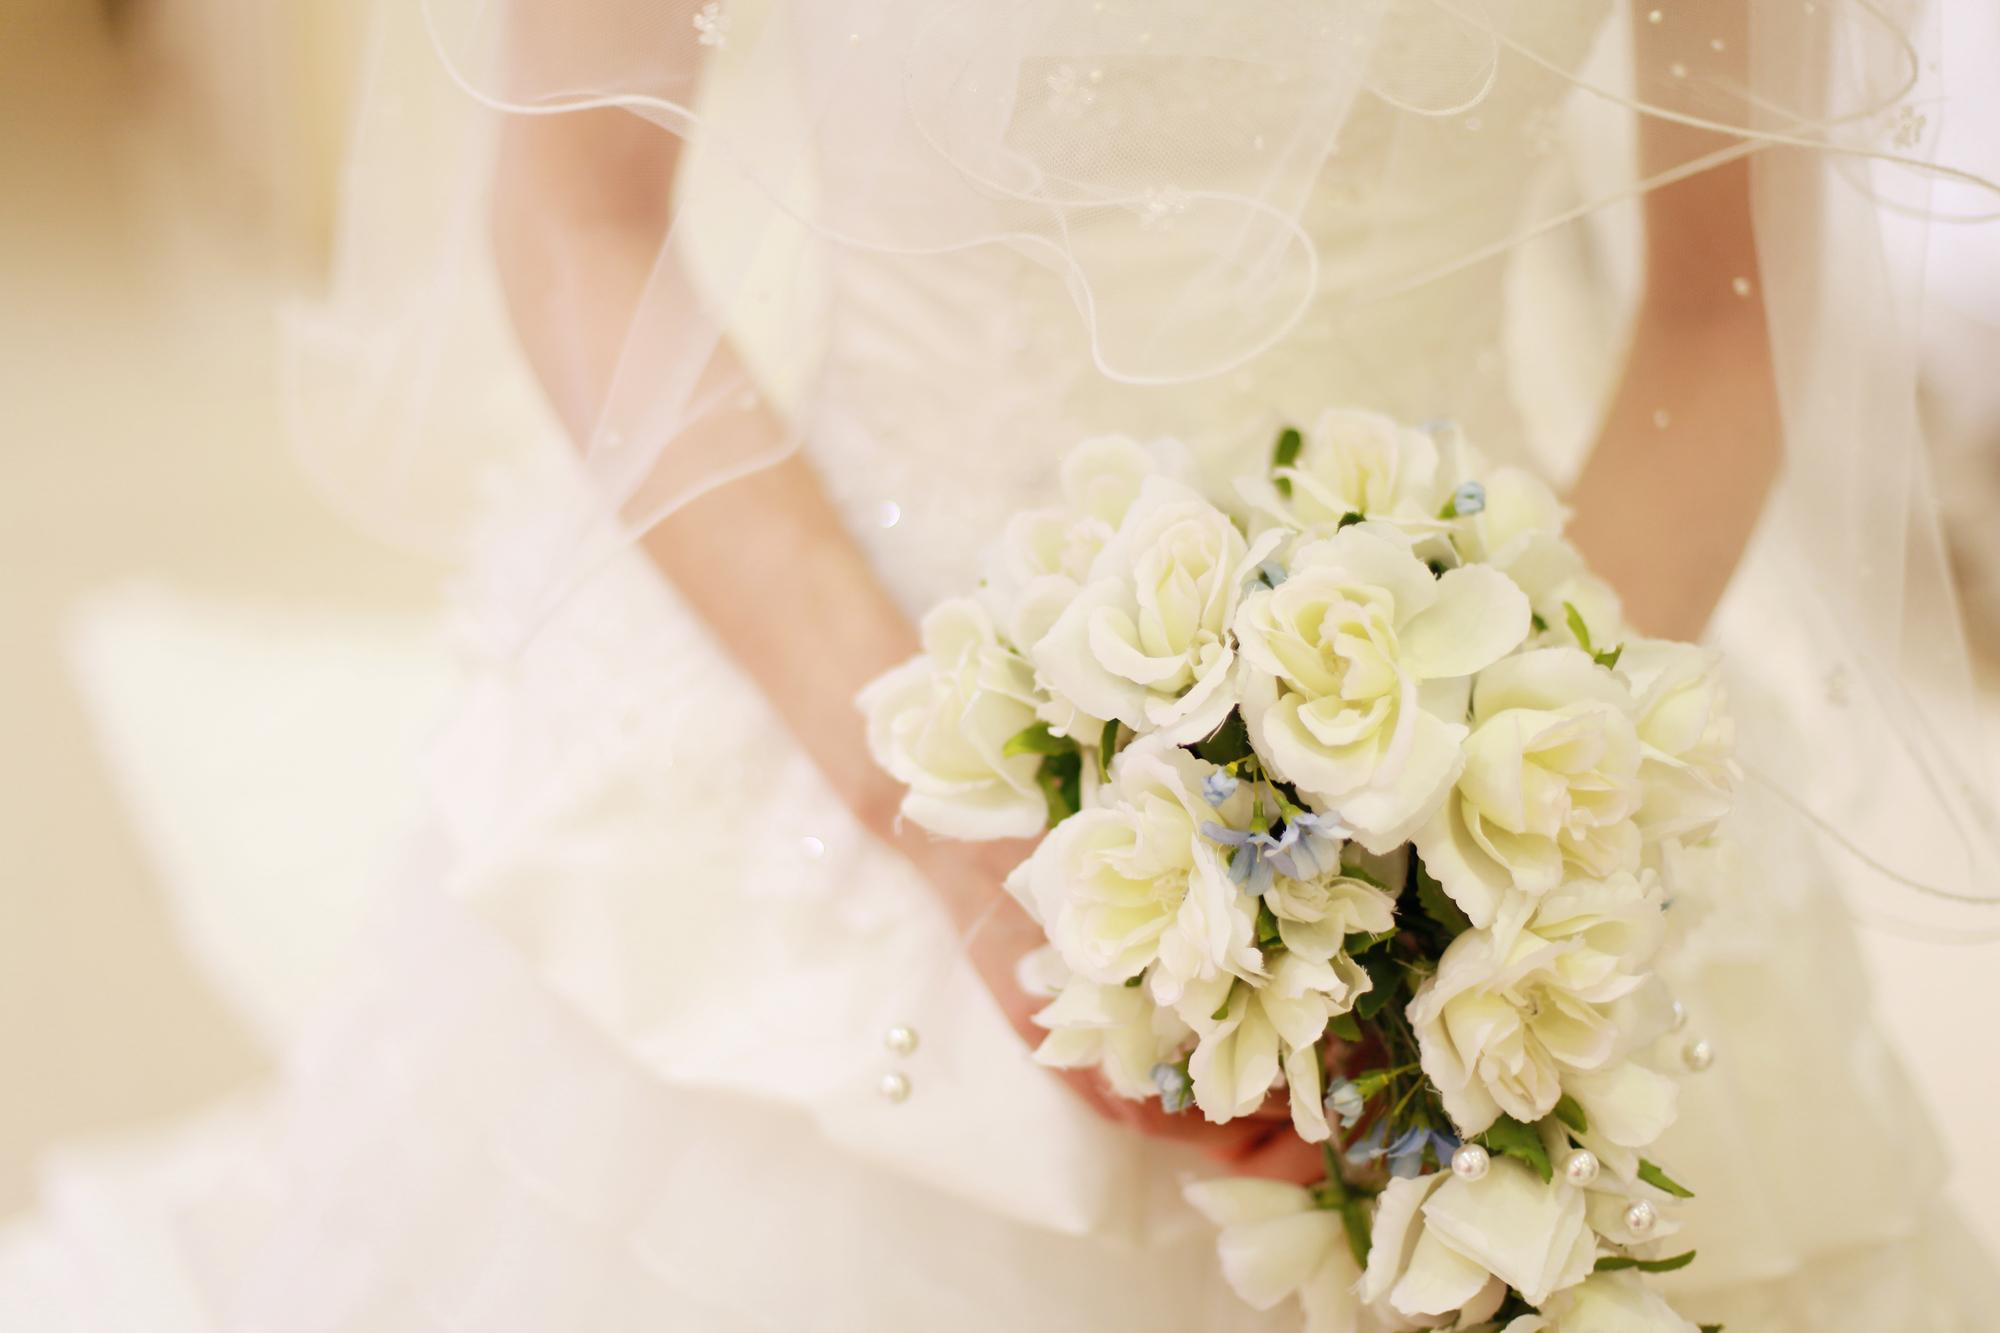 婚活&結婚 Mariageソフィア